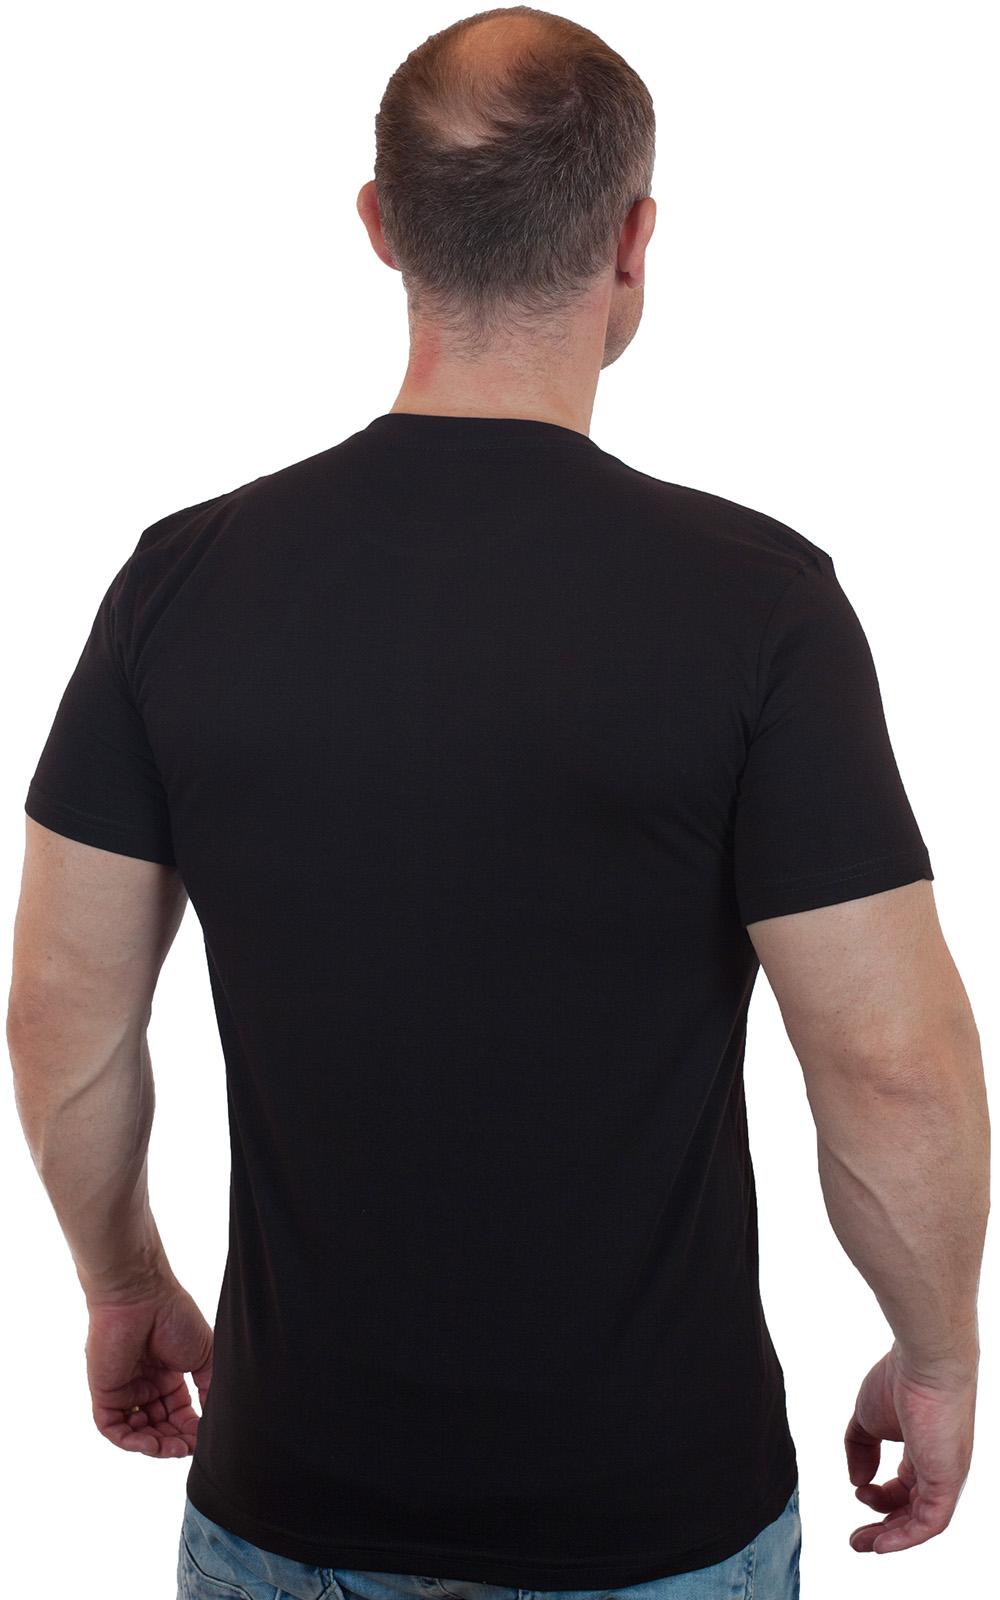 Мужская черная футболка с вышитым шевроном казака Терского войска - купить в Военпро